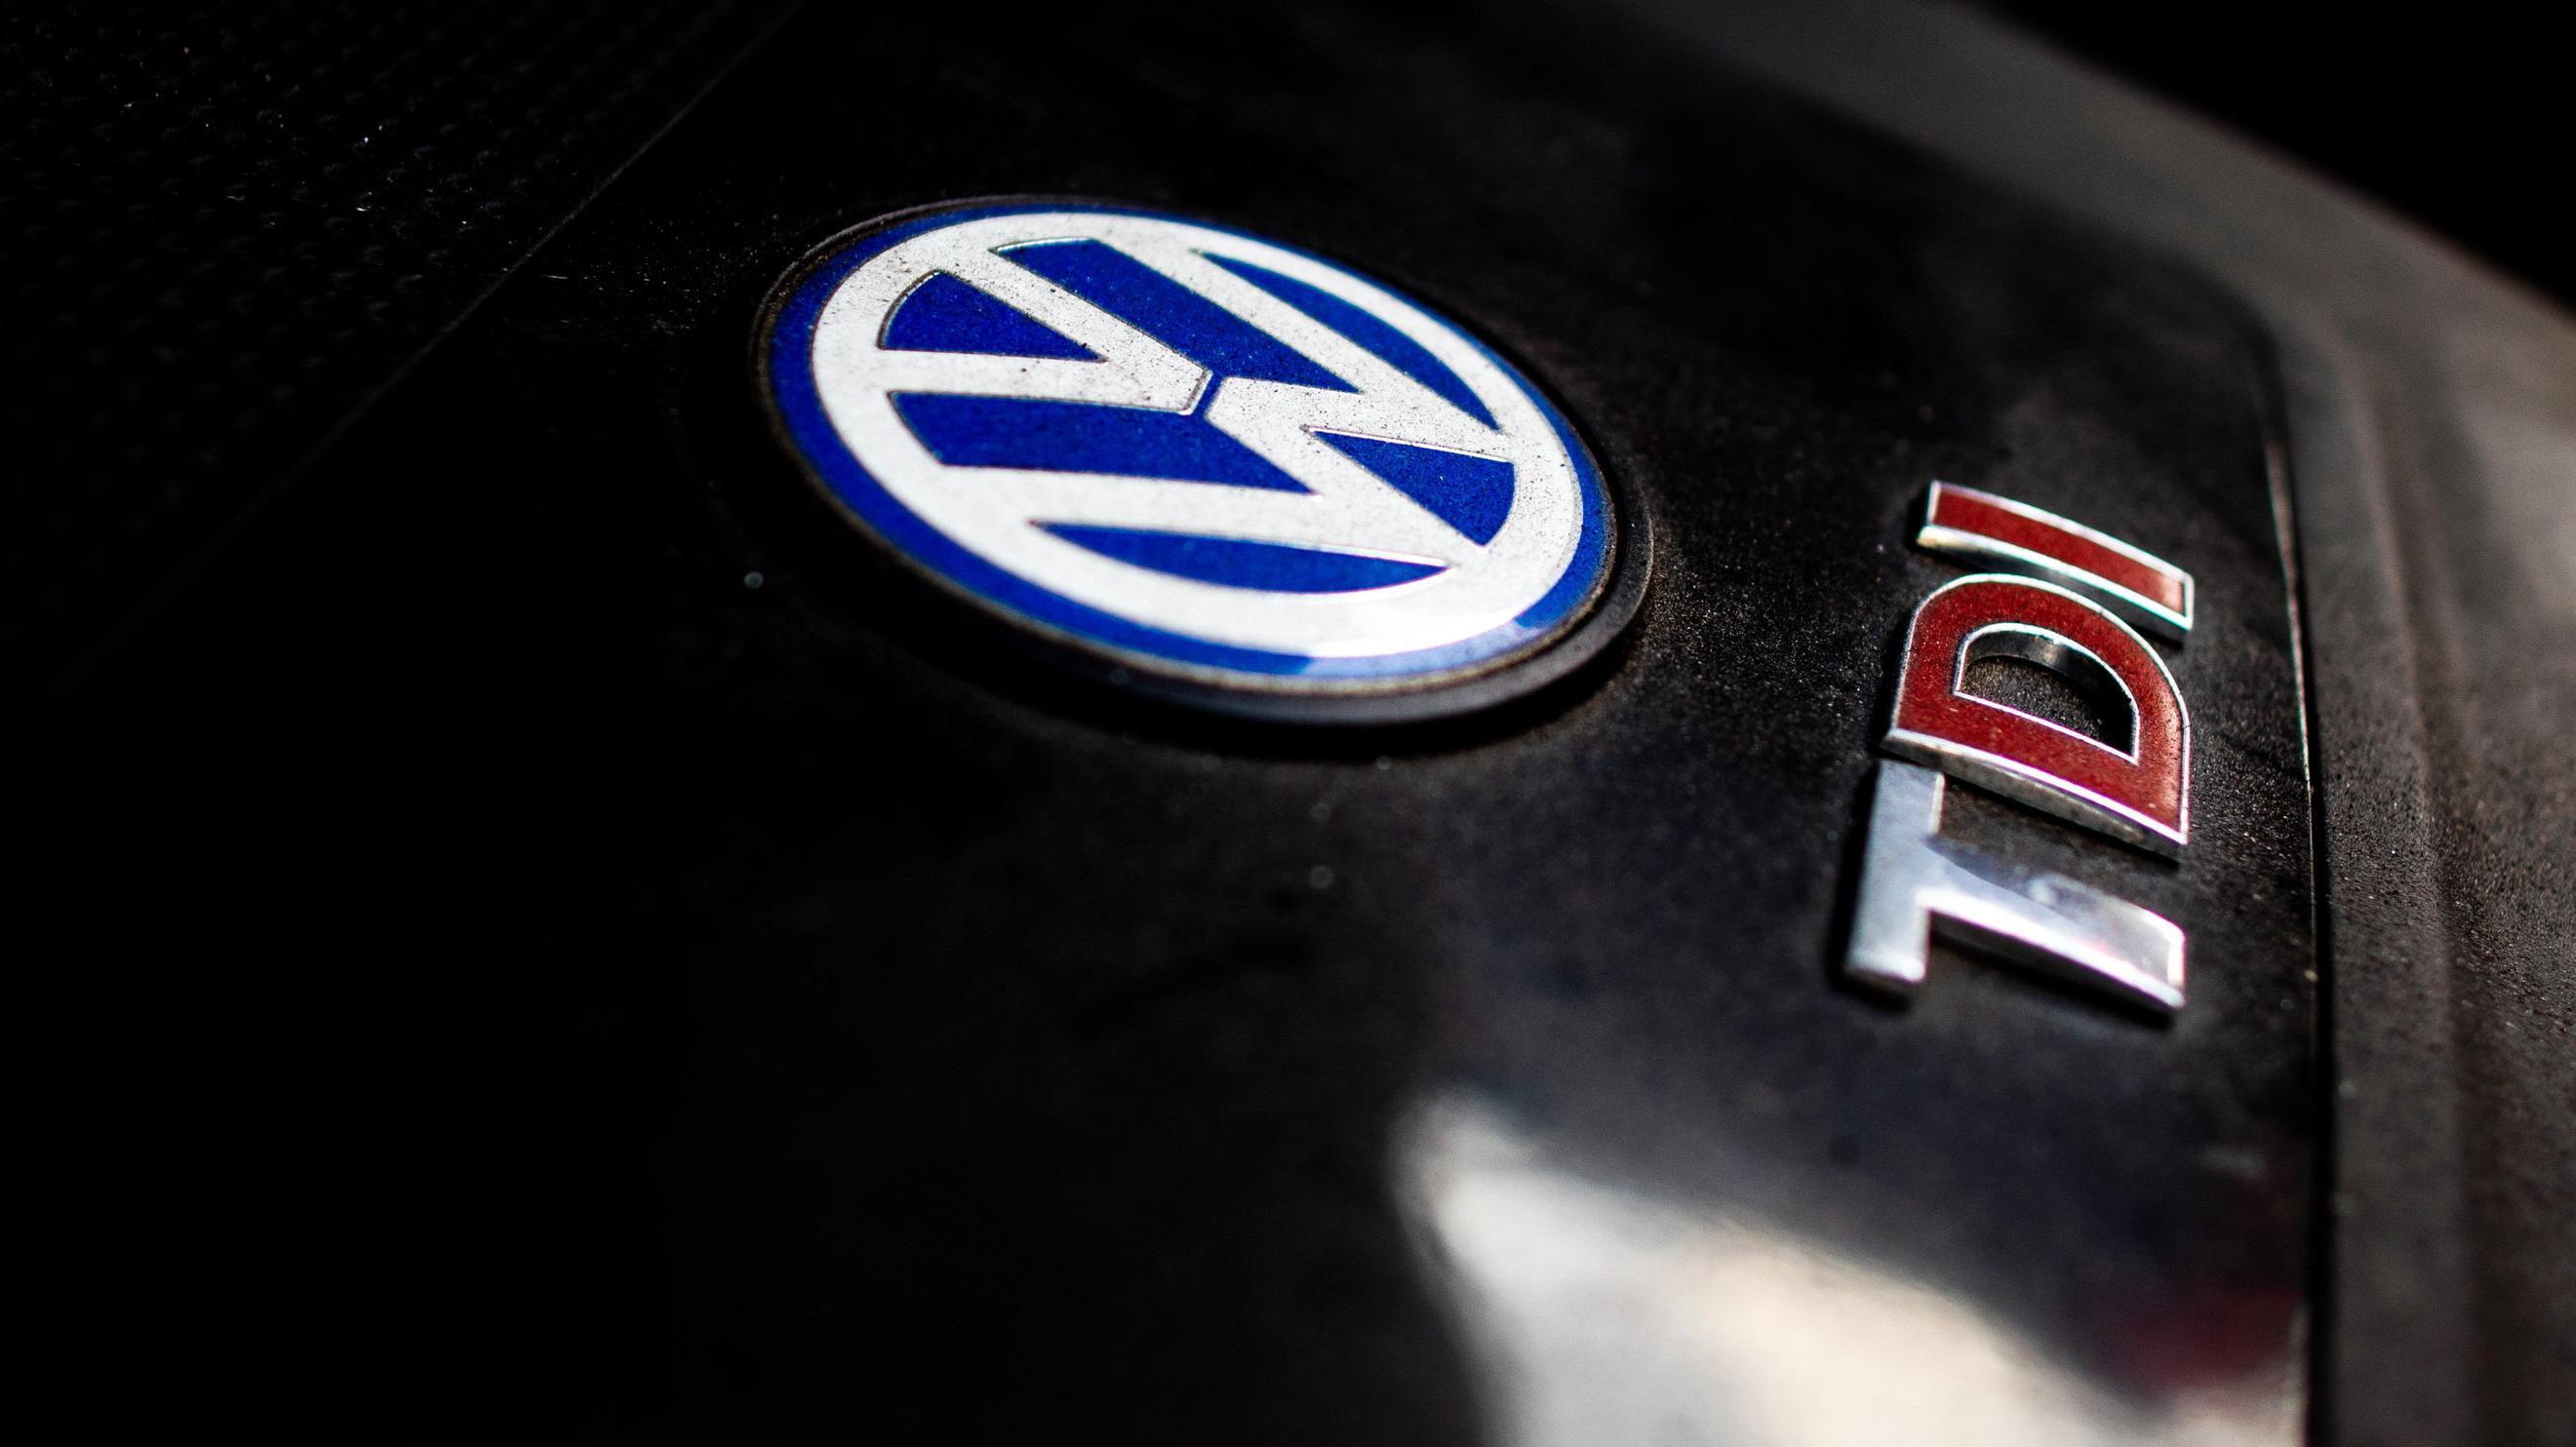 VW-Logo im Motorraum eines Autos